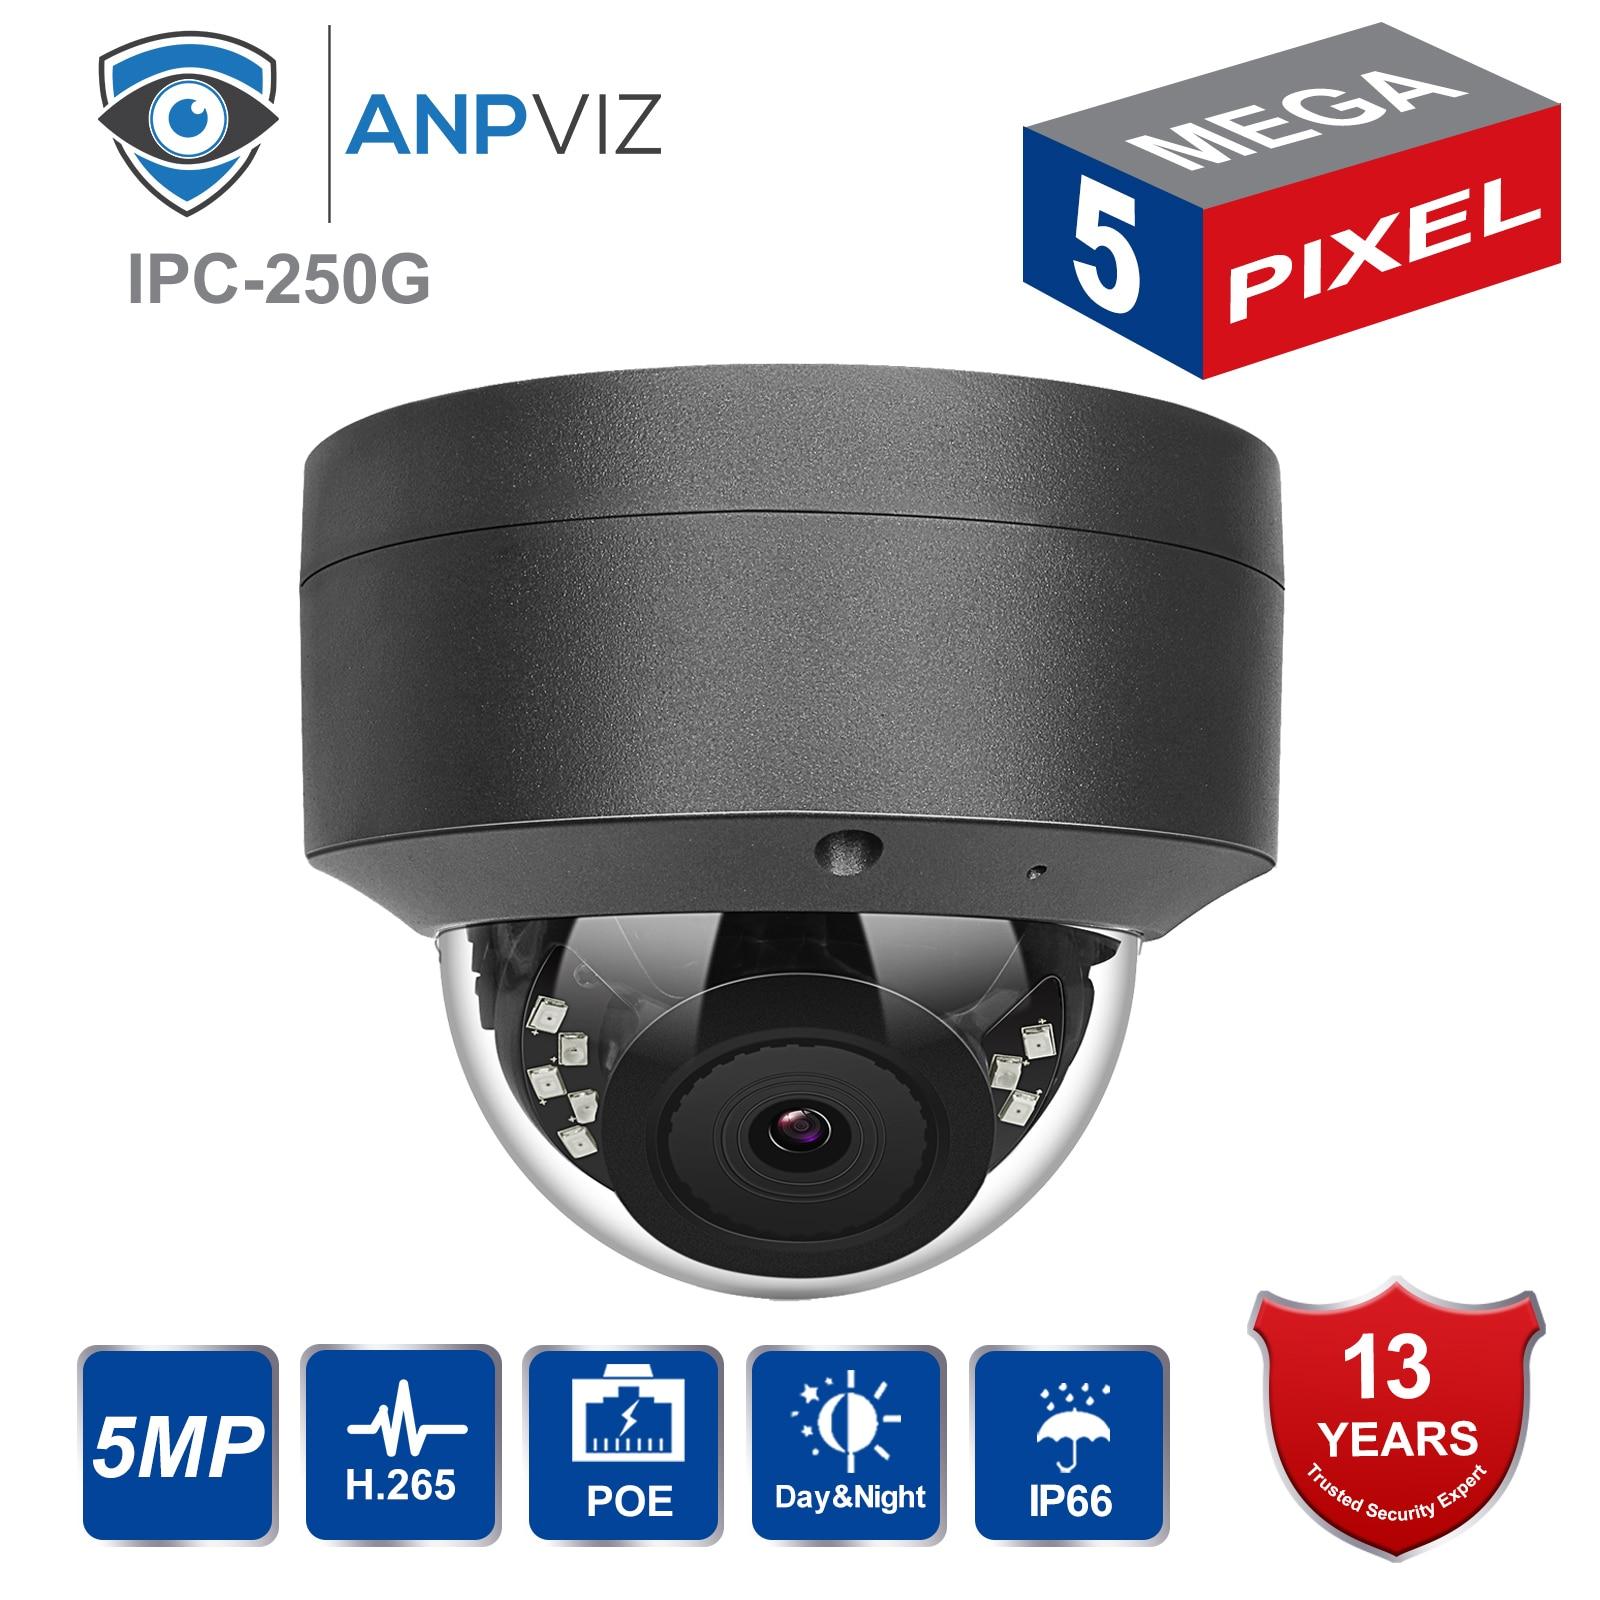 Hikvision 5MP IP POE caméra extérieure H.265/H.264 dôme sécurité CCTV réseau caméra grand Angle 2.8mm, 30 M IR ONVIF